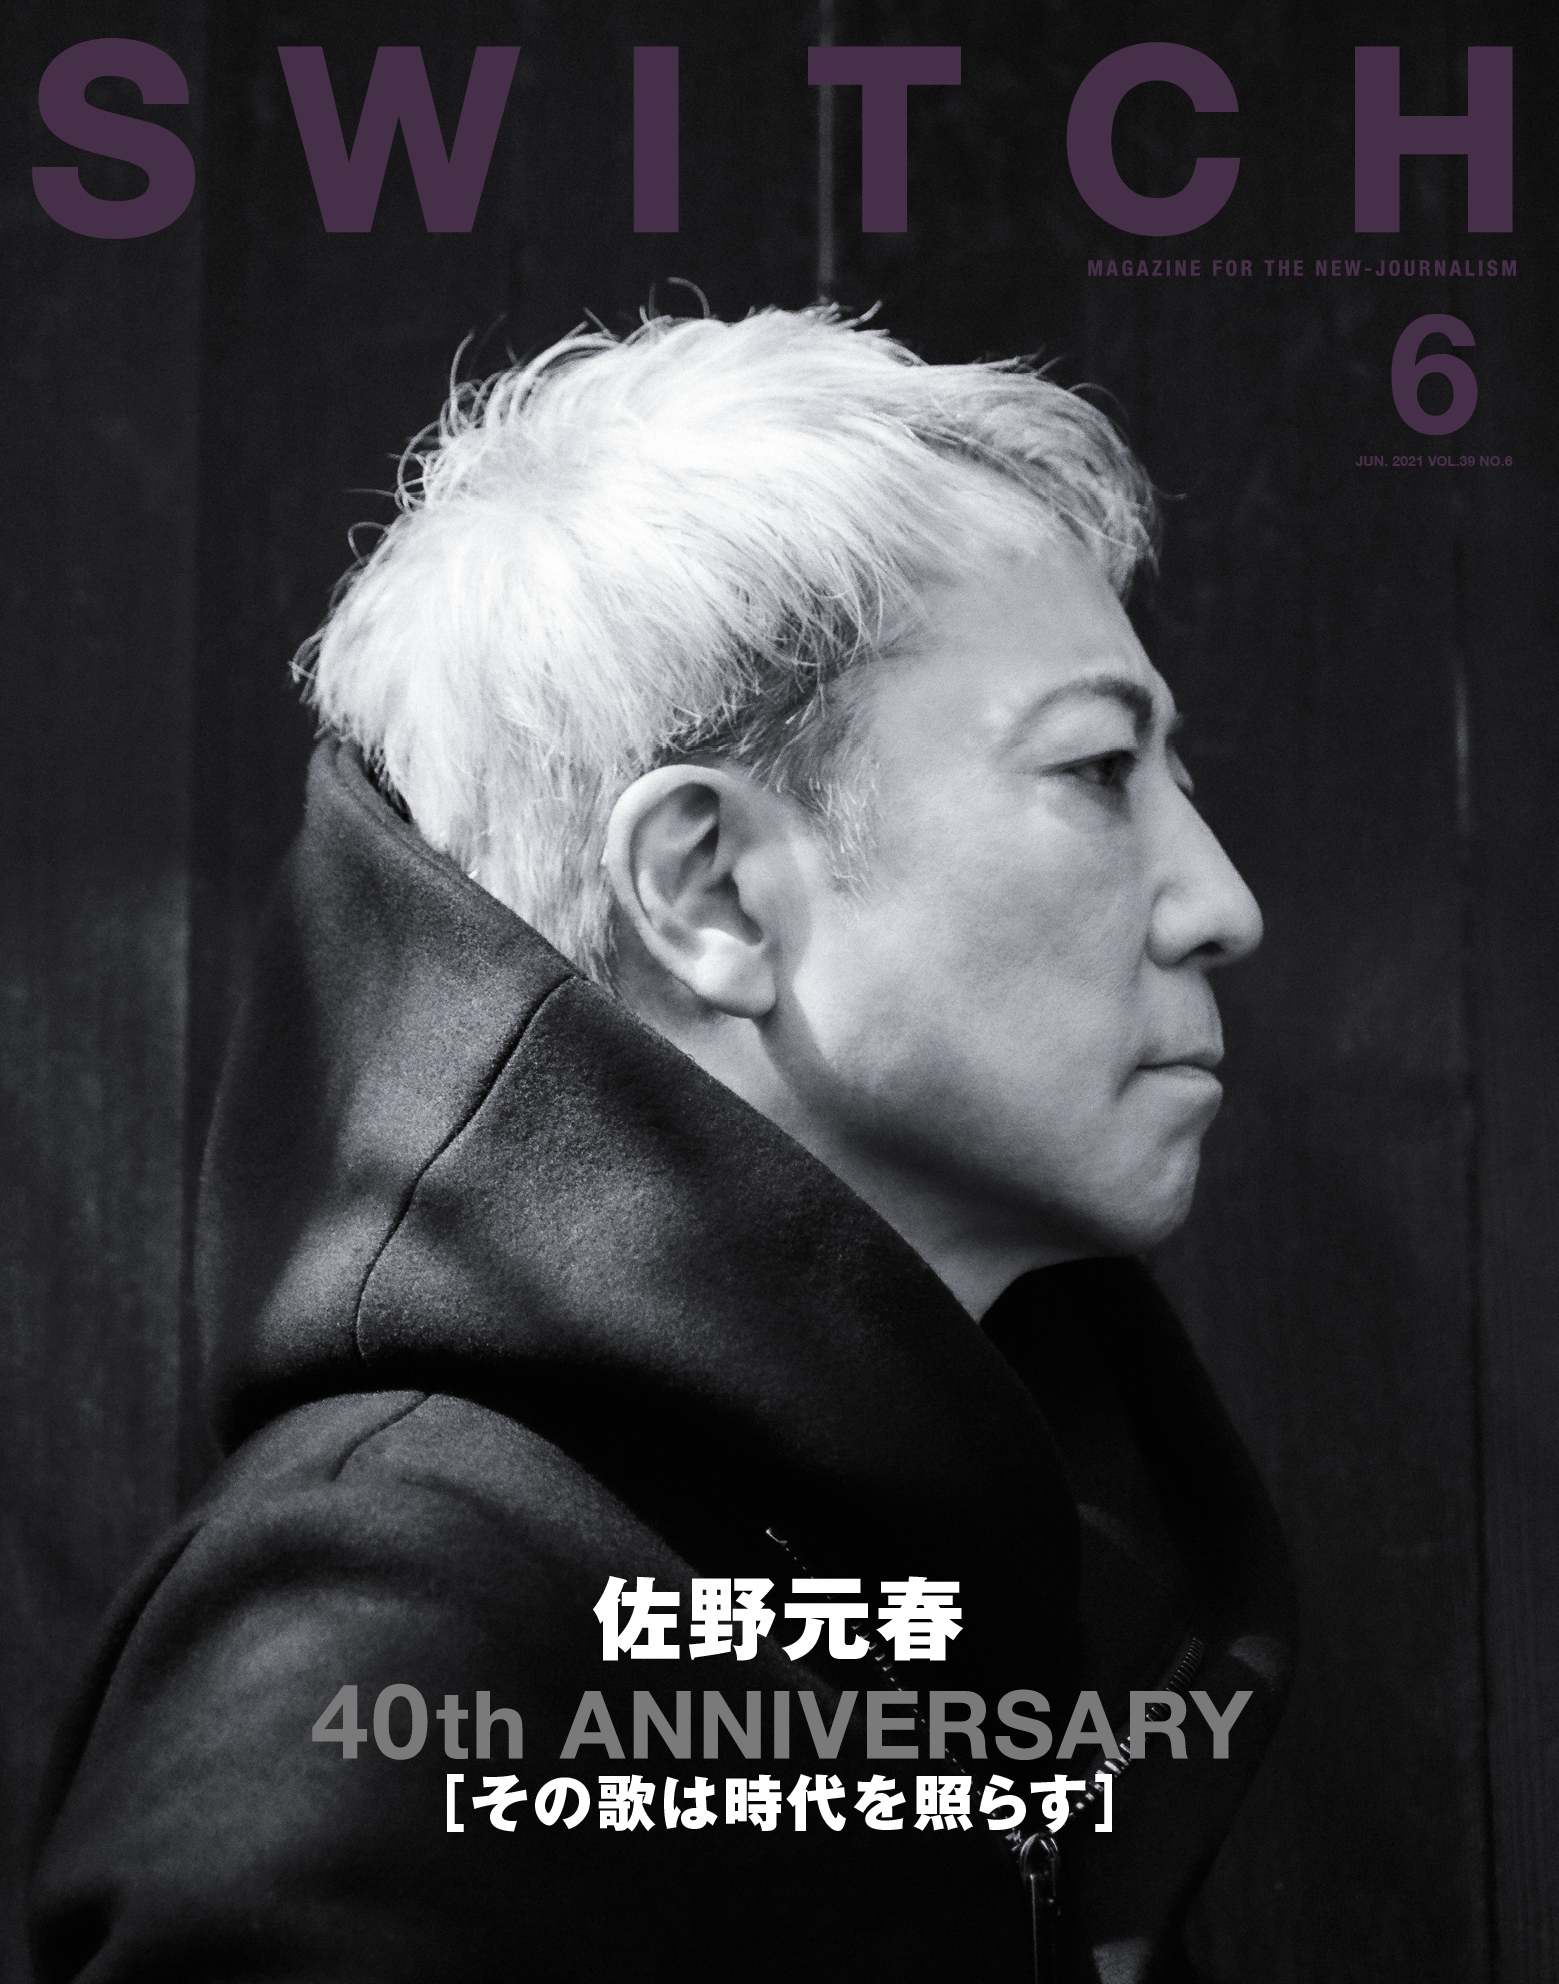 SWITCH Vol.39 No.6 特集 佐野元春 40th ANNIVERSARY[その歌は時代を照らす]